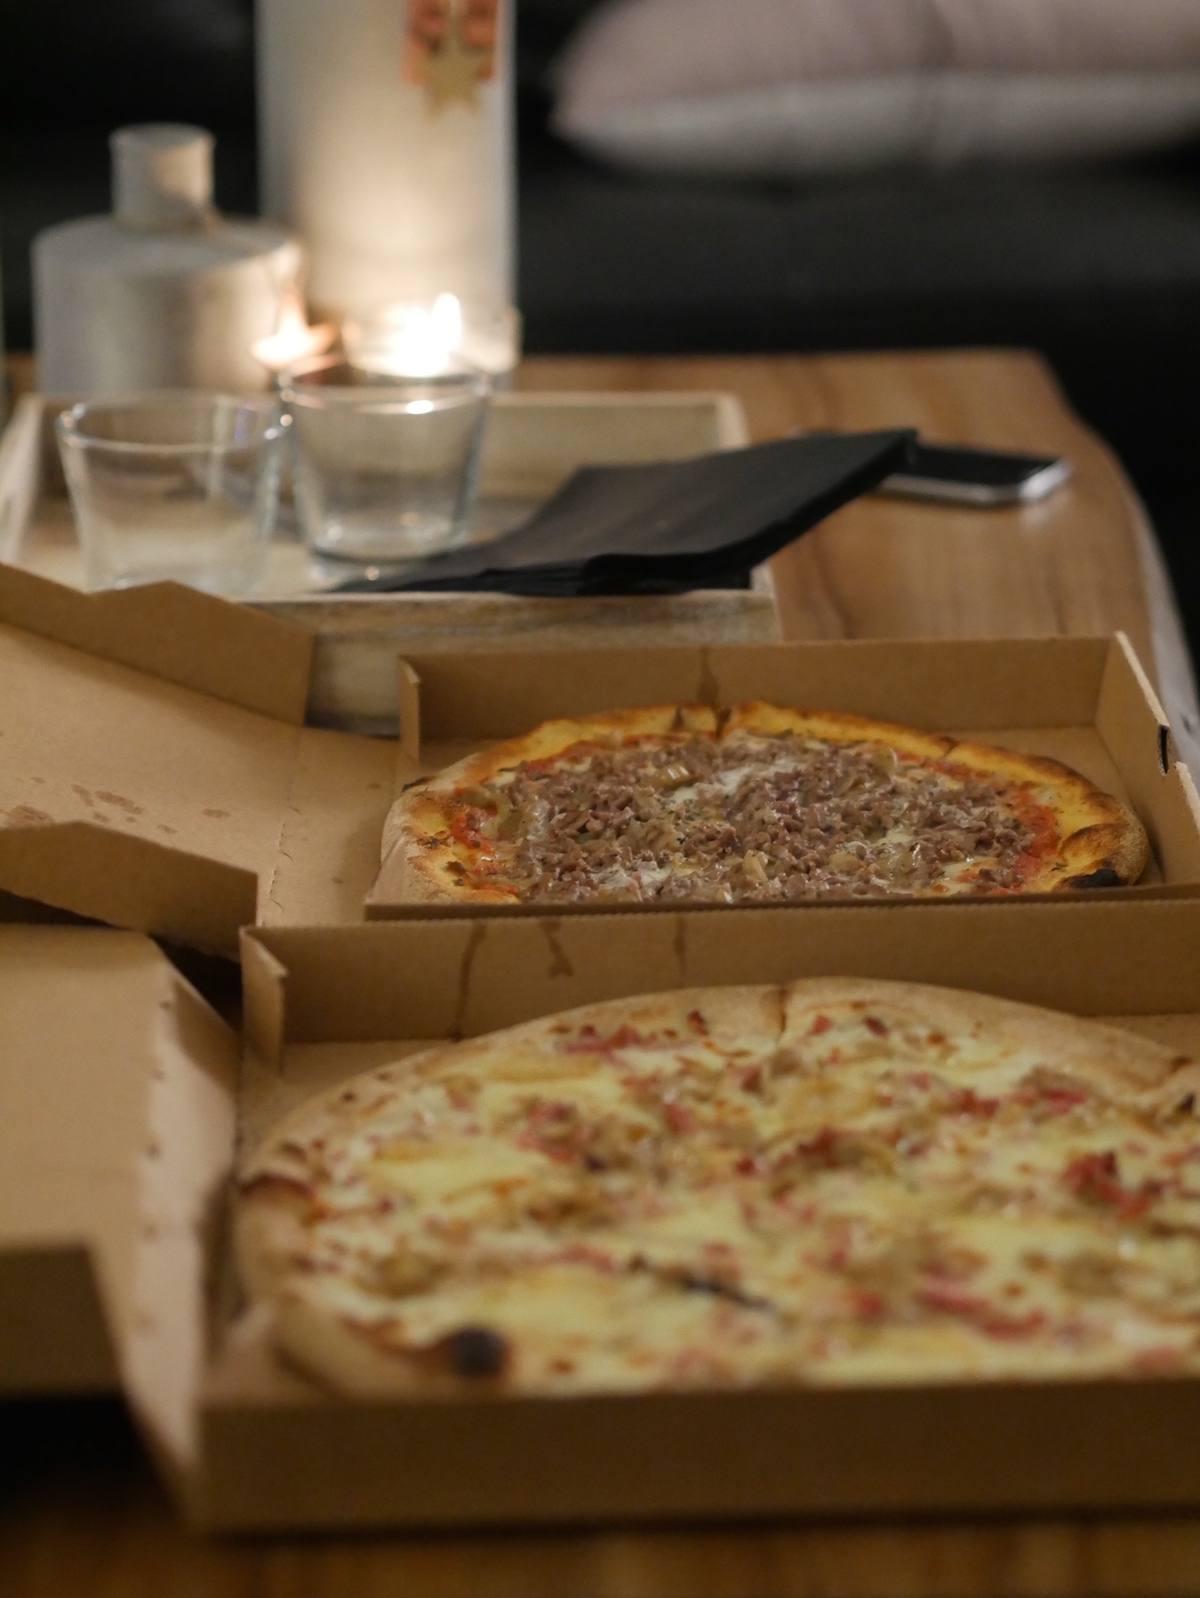 Deliveroo - Livraison restaurant à domicile - Nantes - CODE PROMO 6